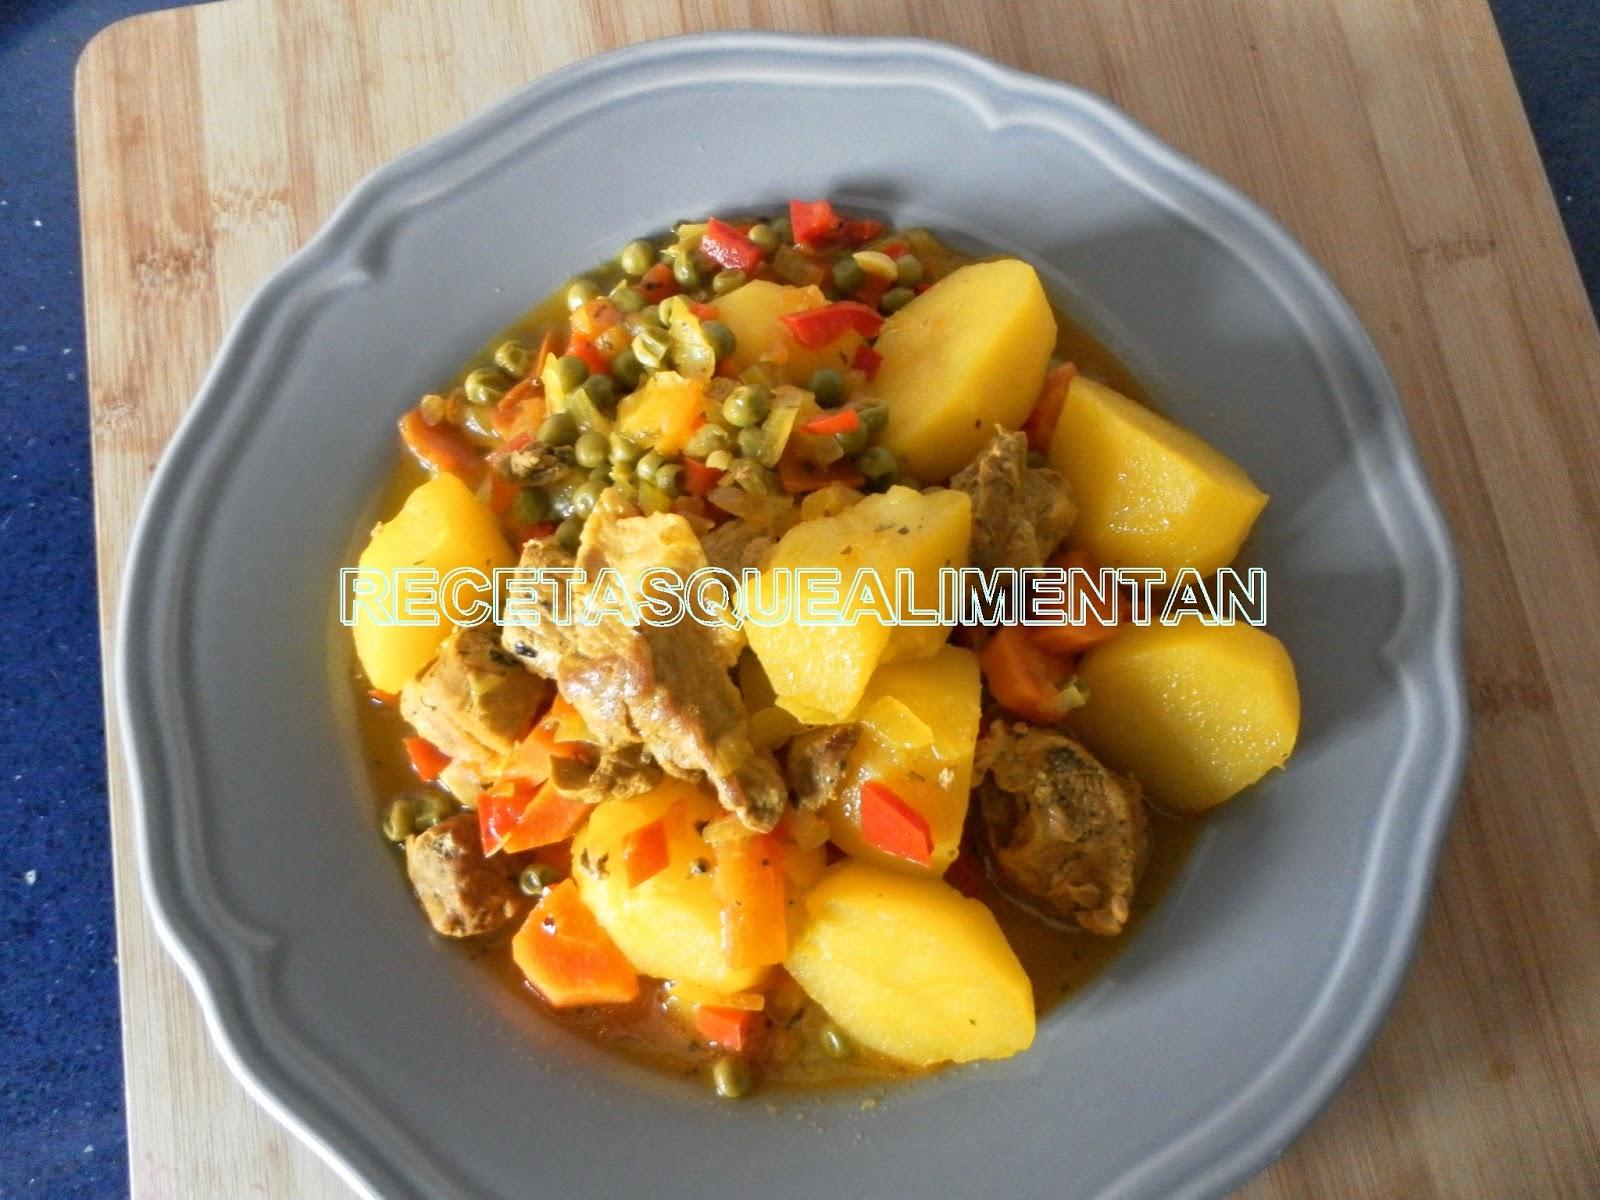 Recetas que alimentan cerdo estofado en olla r pida - Patatas en olla rapida ...